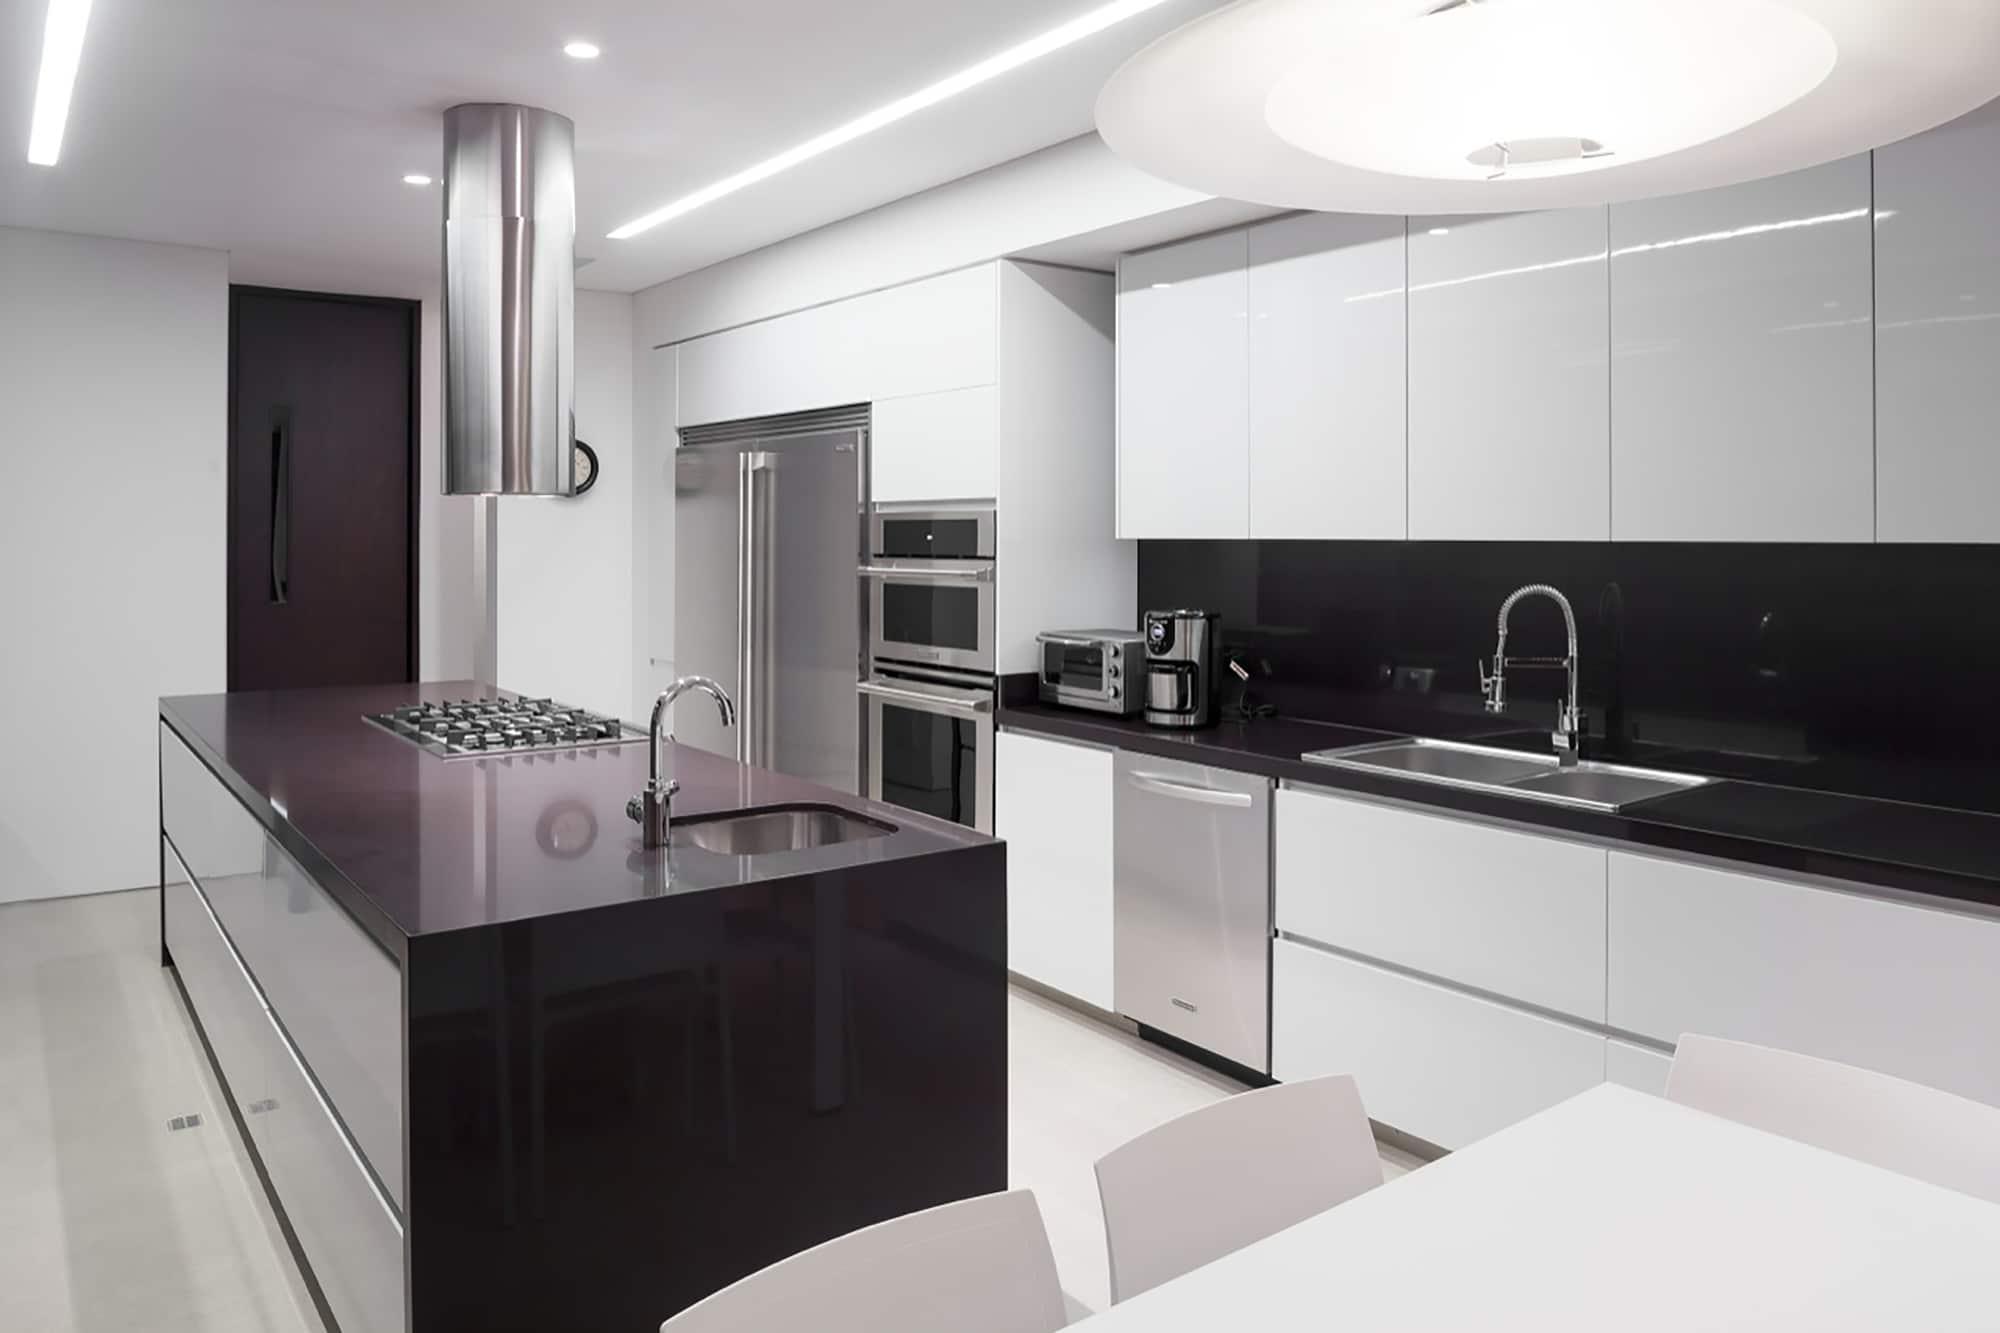 Moderno dise o casa de un piso con planos for Una cocina moderna